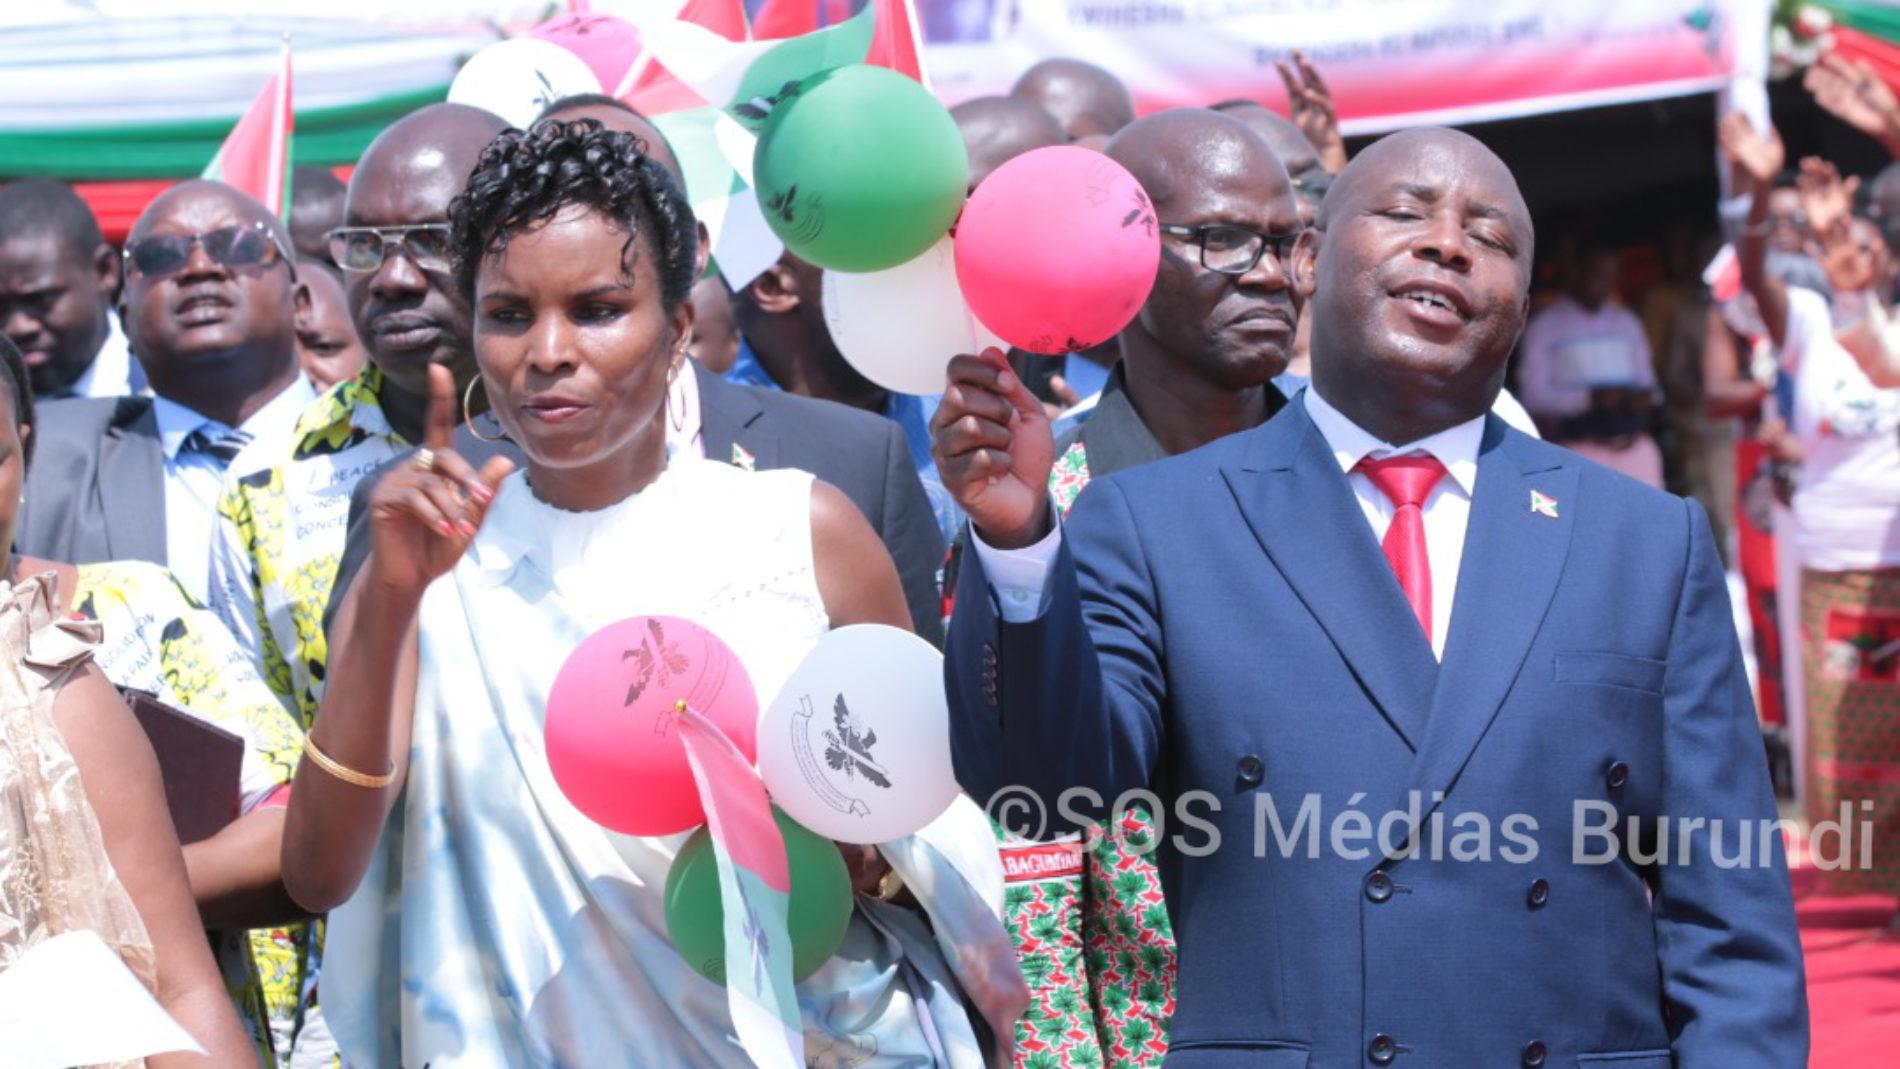 Élections-Burundi : le candidat Ndayishimiye (CNDD-FDD) peut introduire des réformes (rapport)